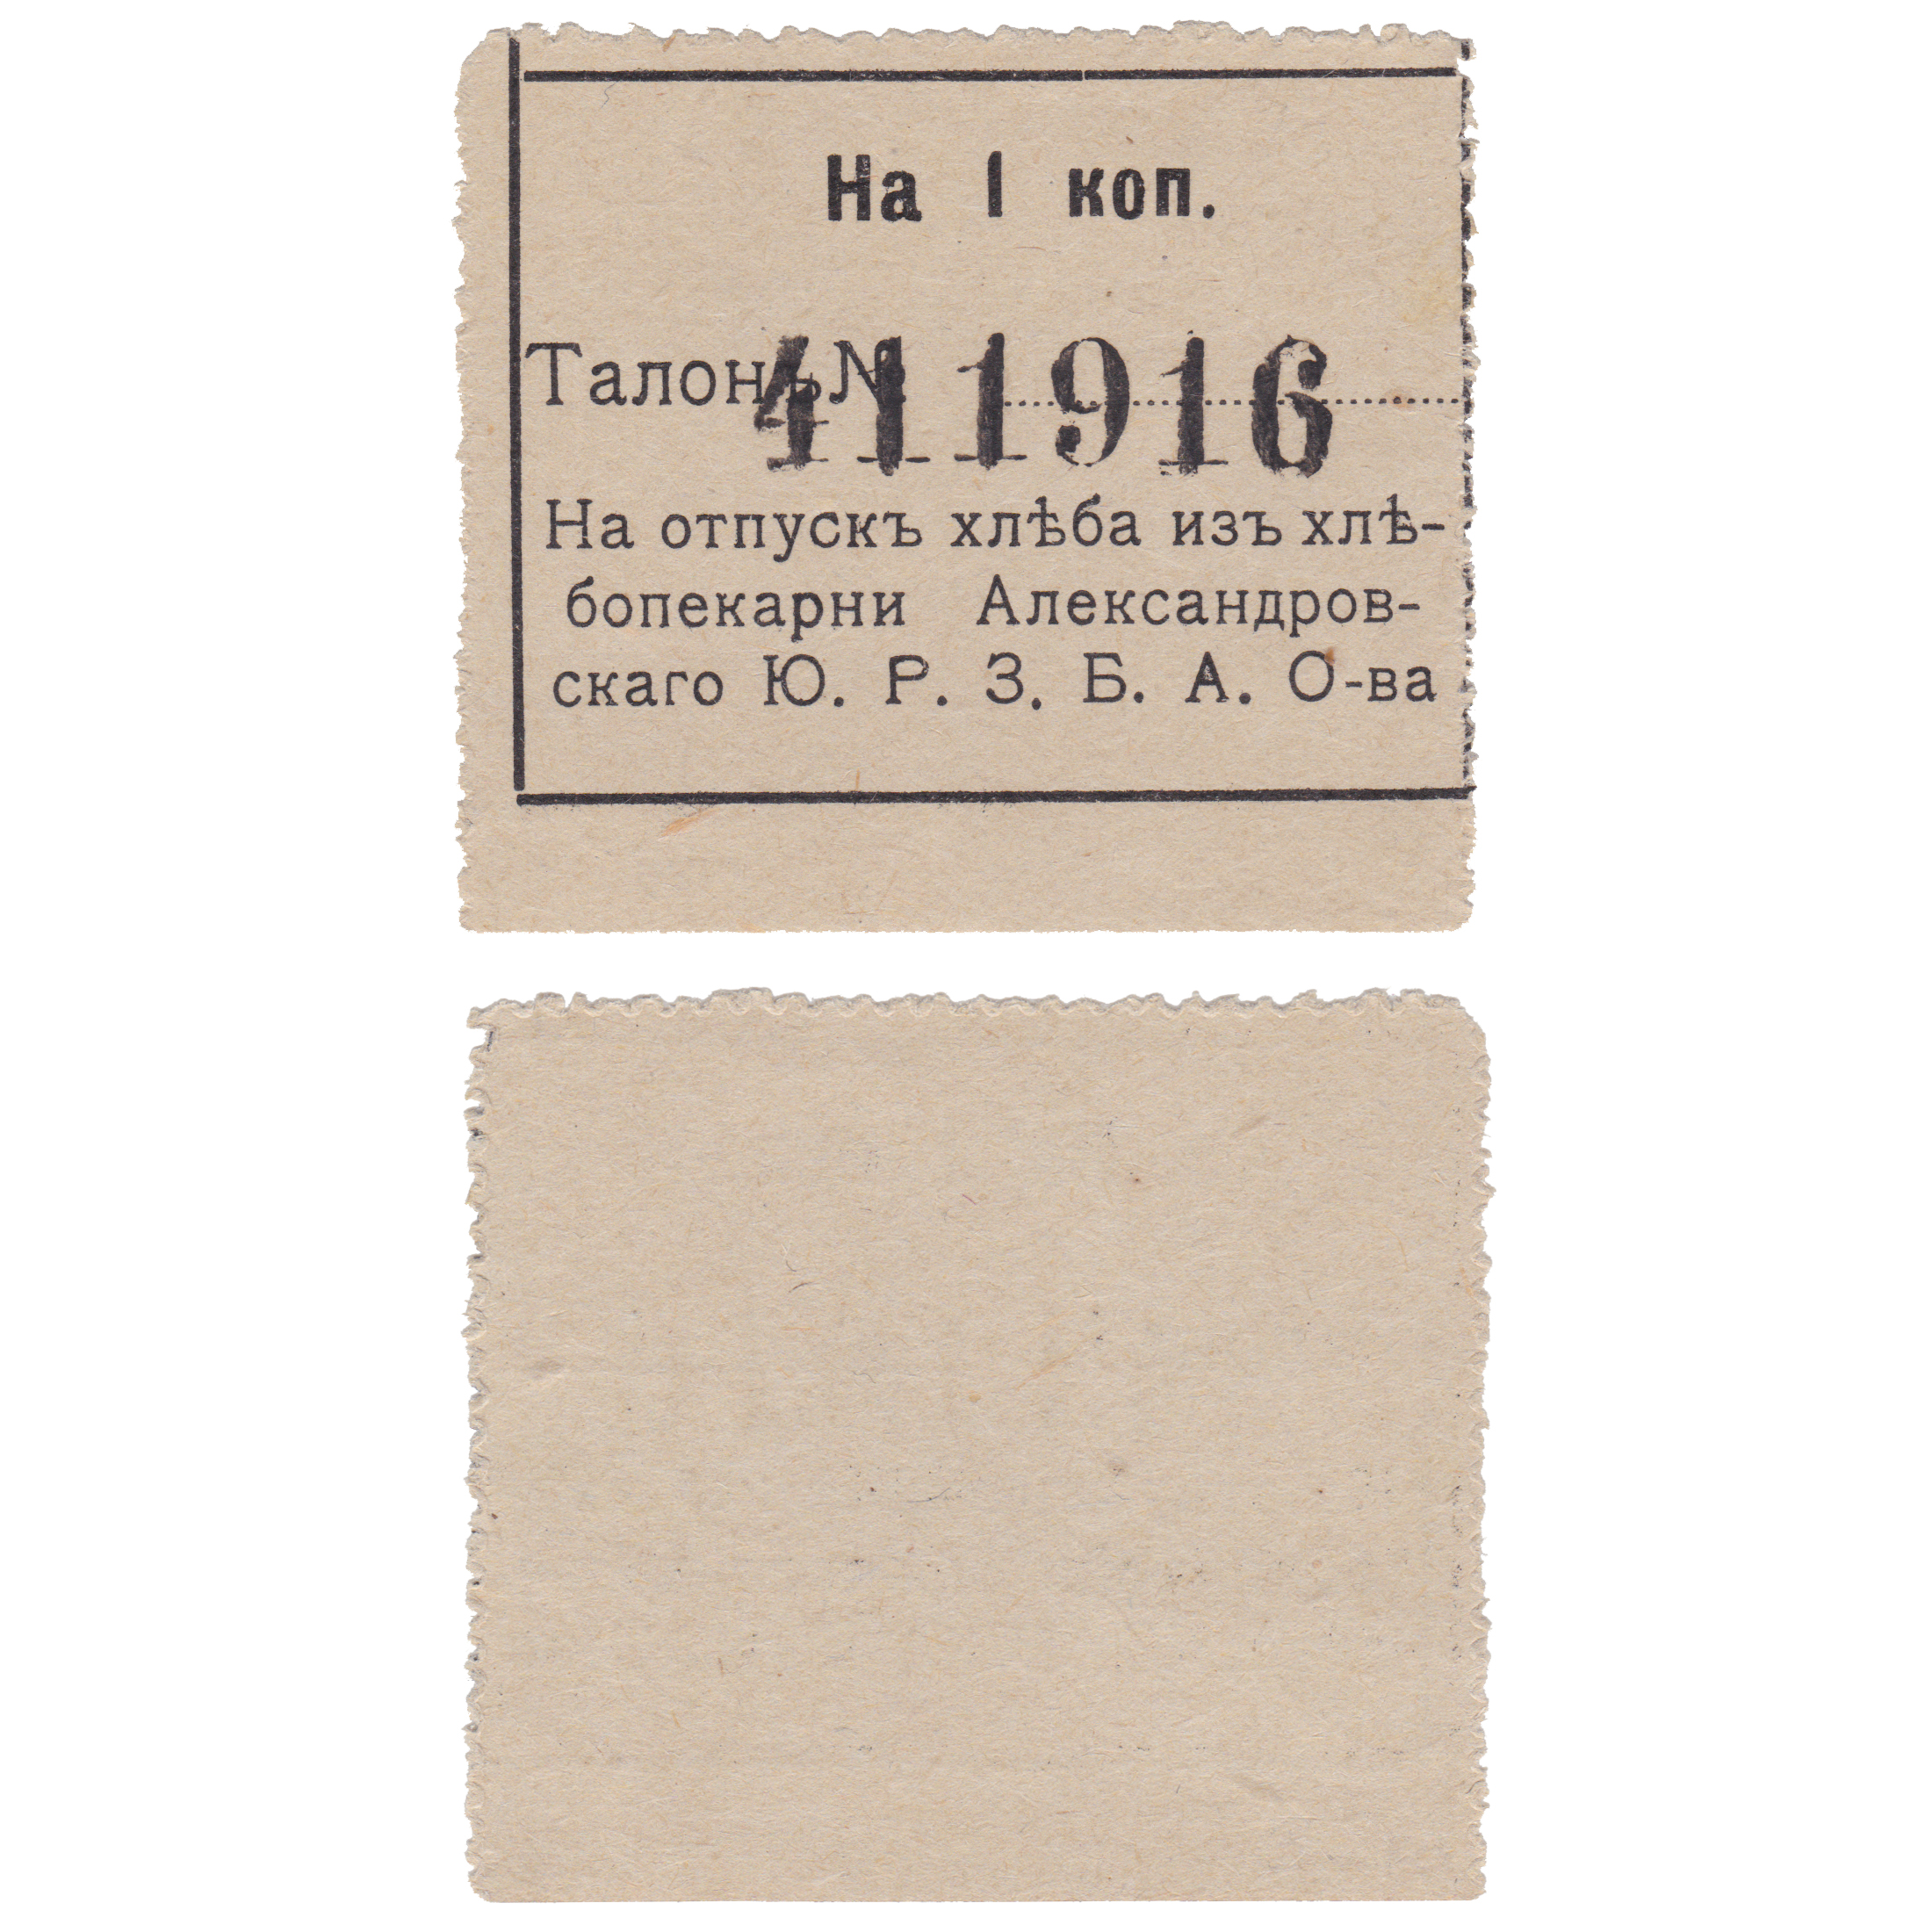 Талон на 1 Копейку 1916 год. Хлебопекарня Александровского Южно-Российского завода Брянского акционерного общества